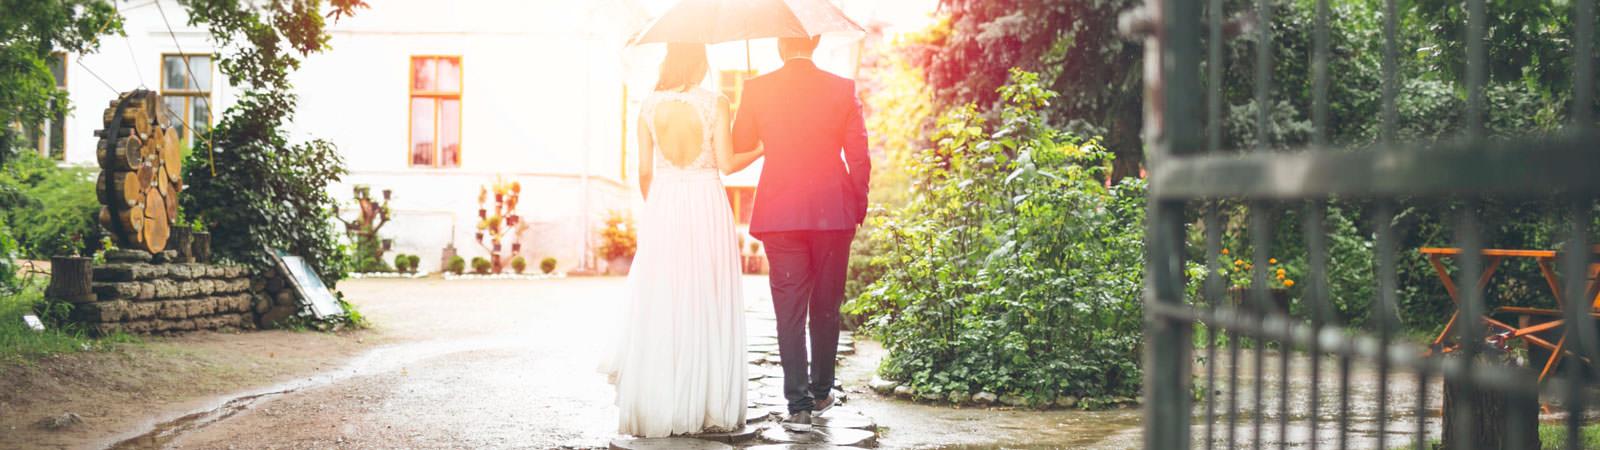 hochzeitsaufnahmen hochzeitsportal ruegen | Hochzeitsportal Rügen